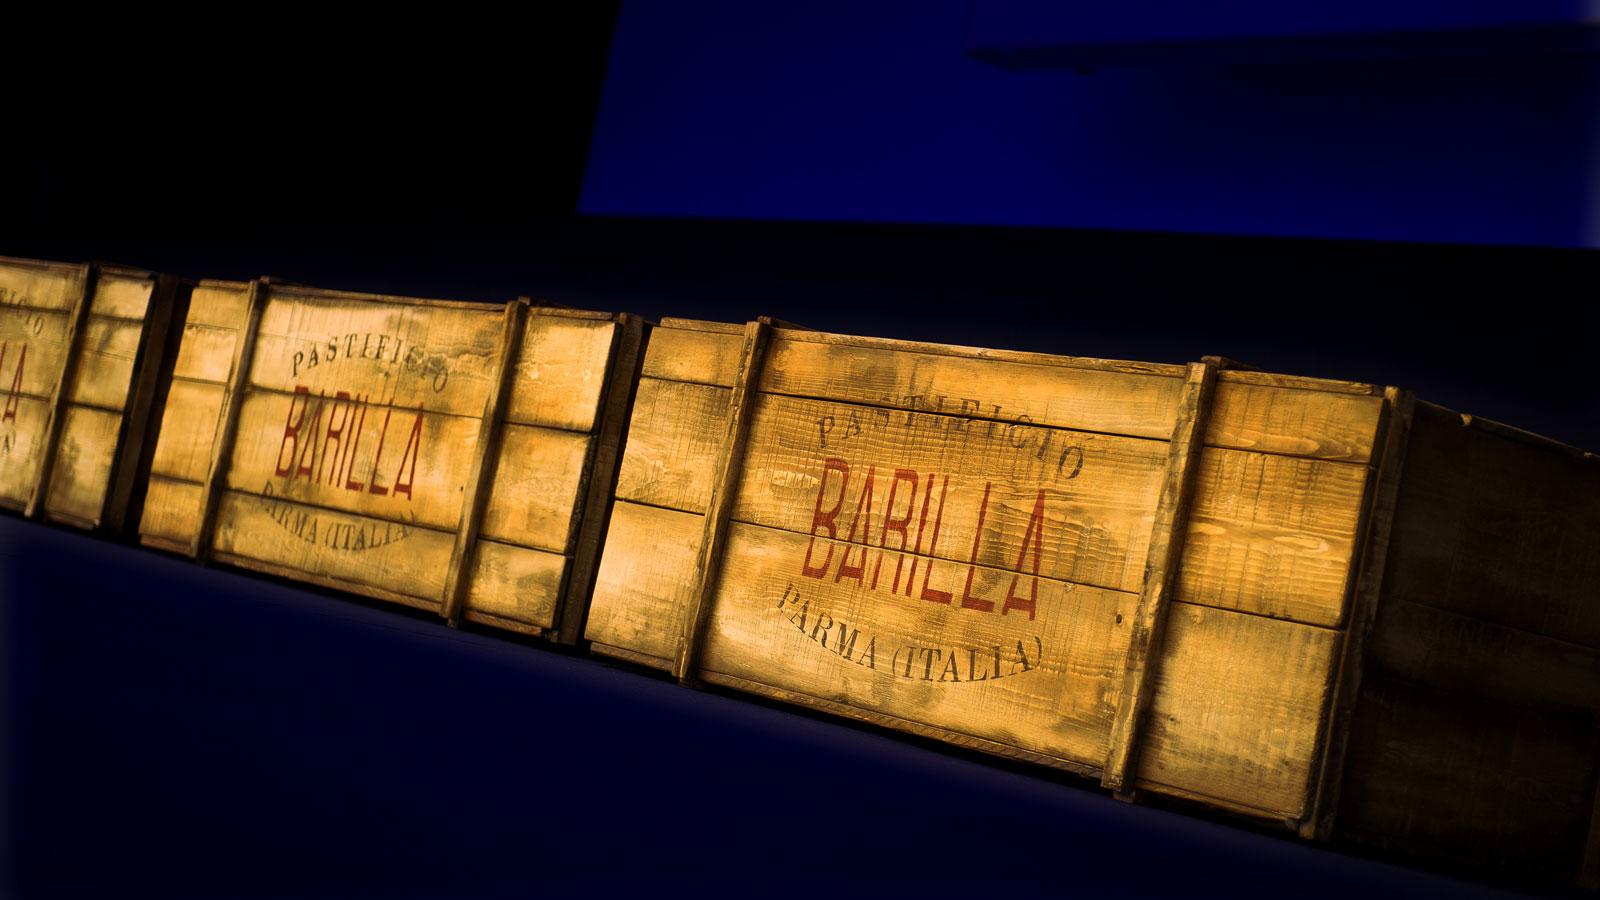 2011-BARILLA-ESSERE-3